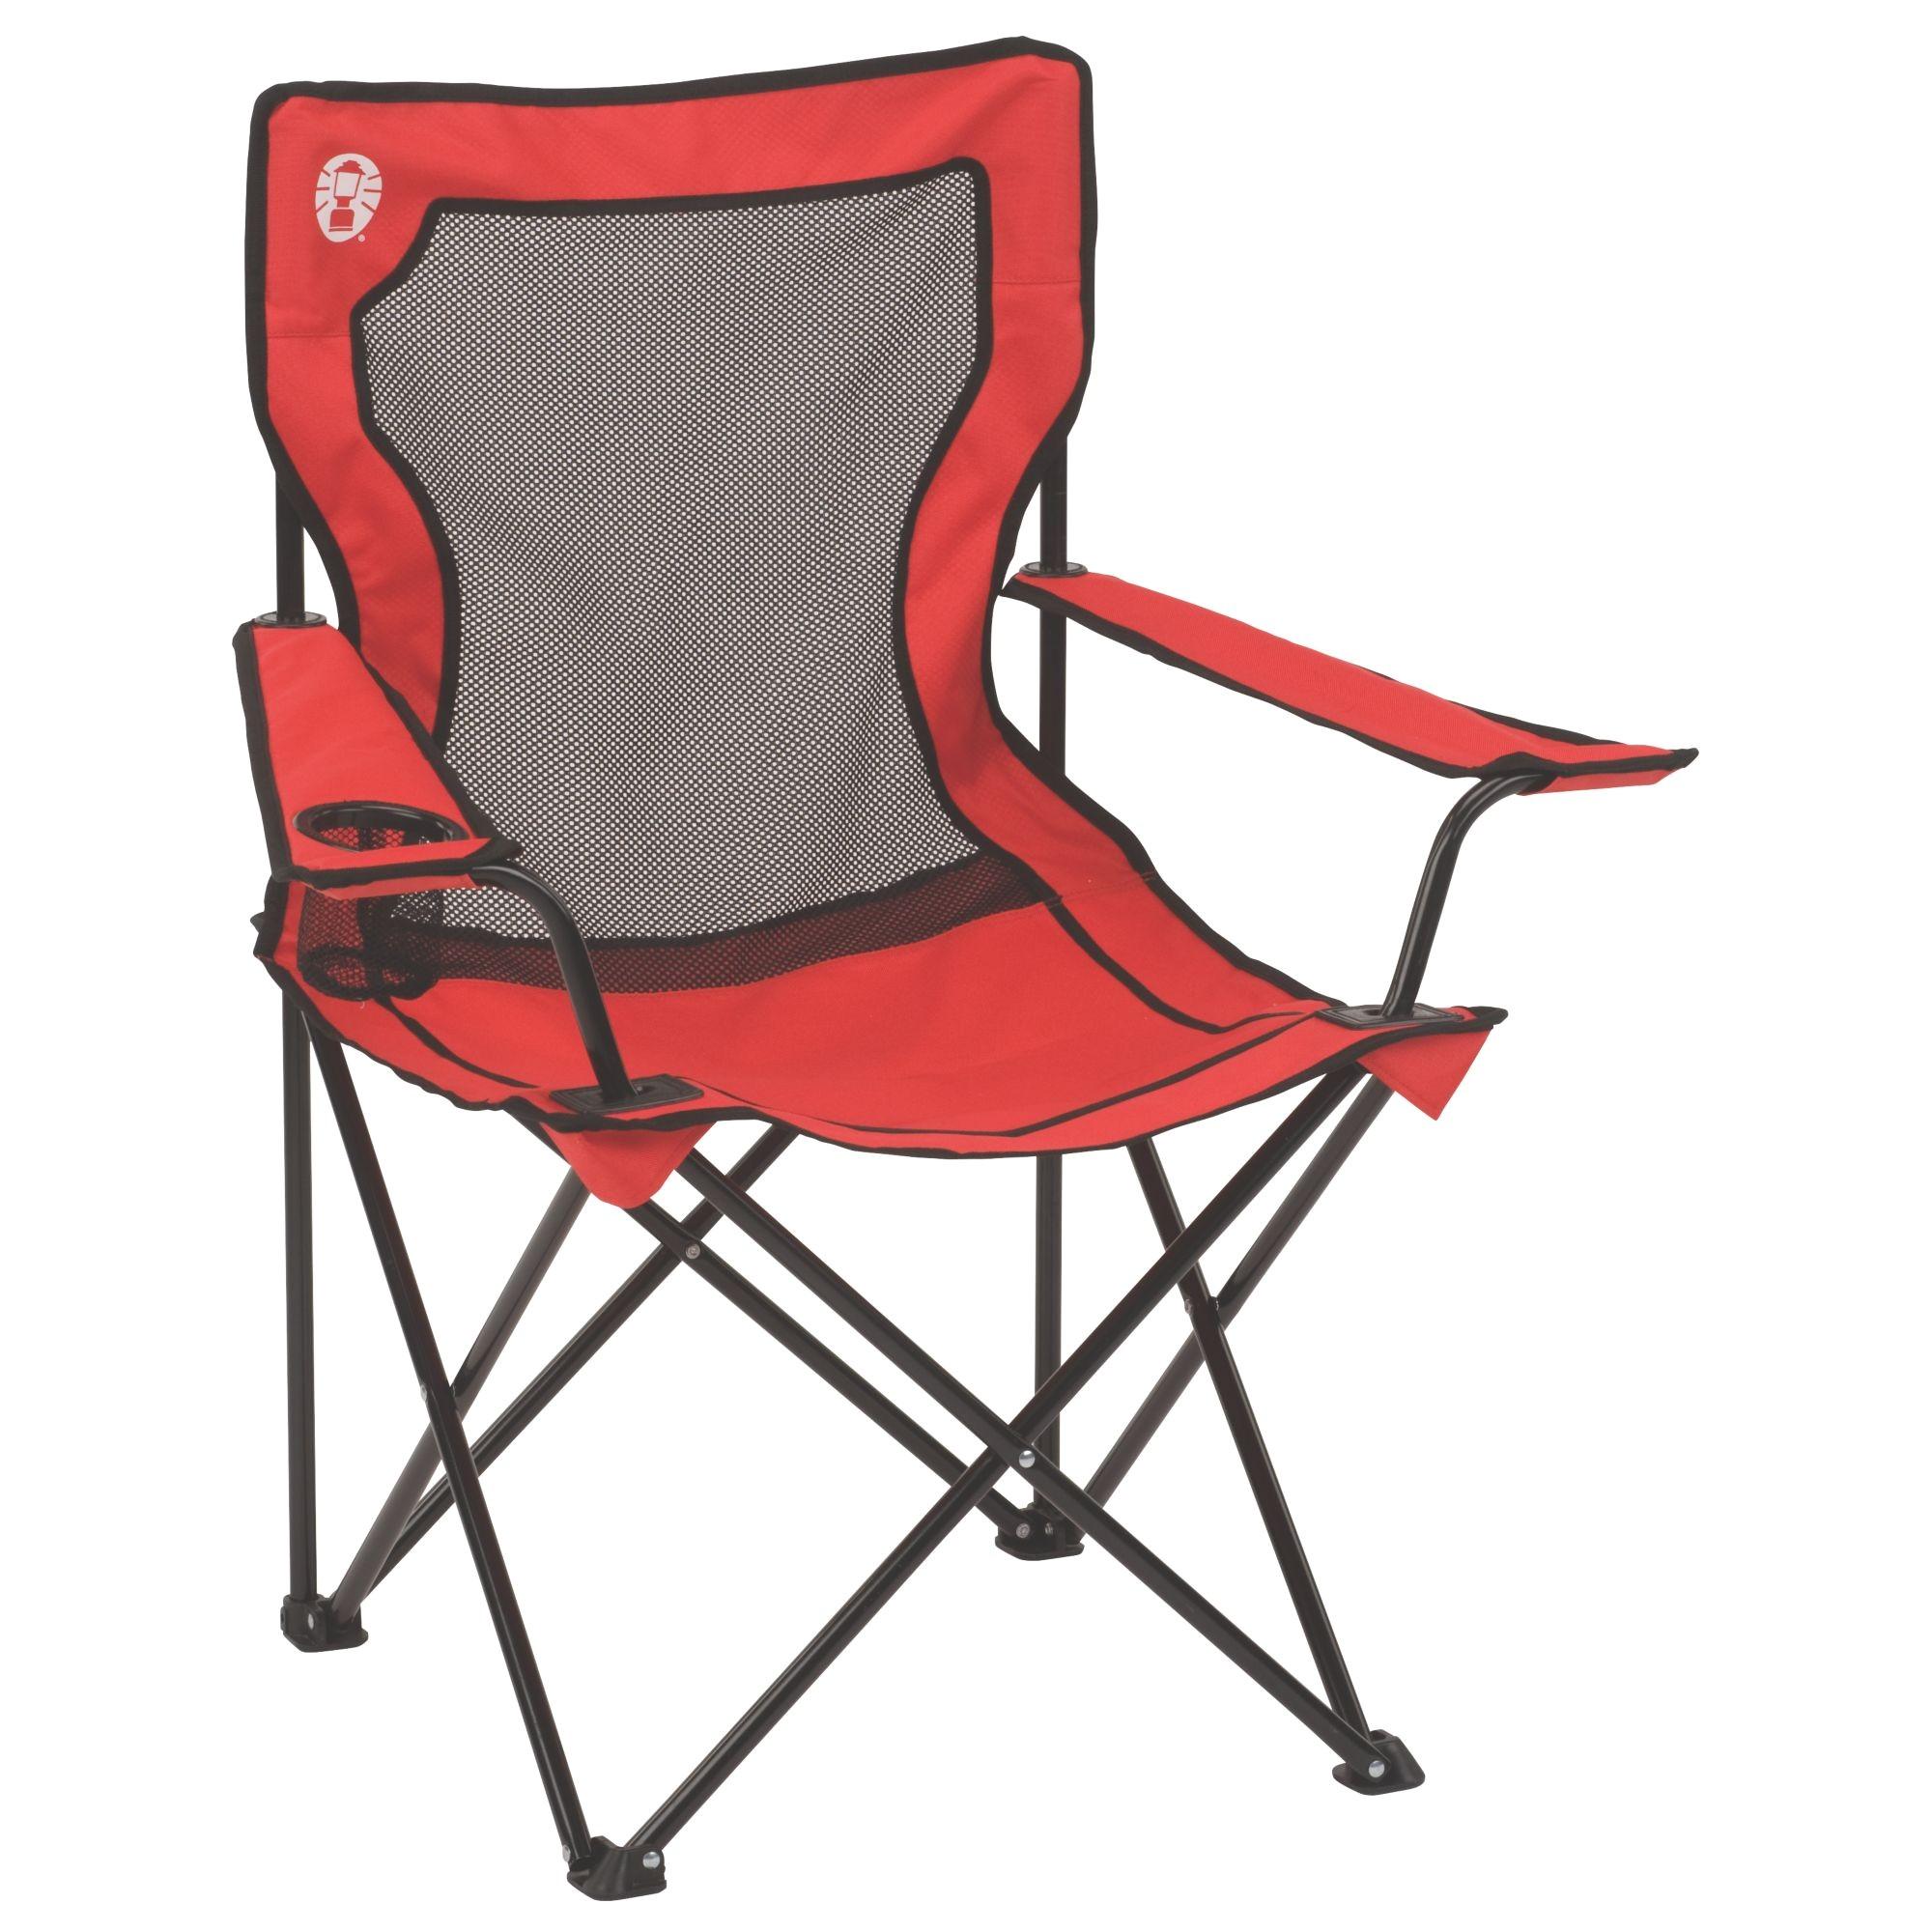 broadbanda mesh quad chair